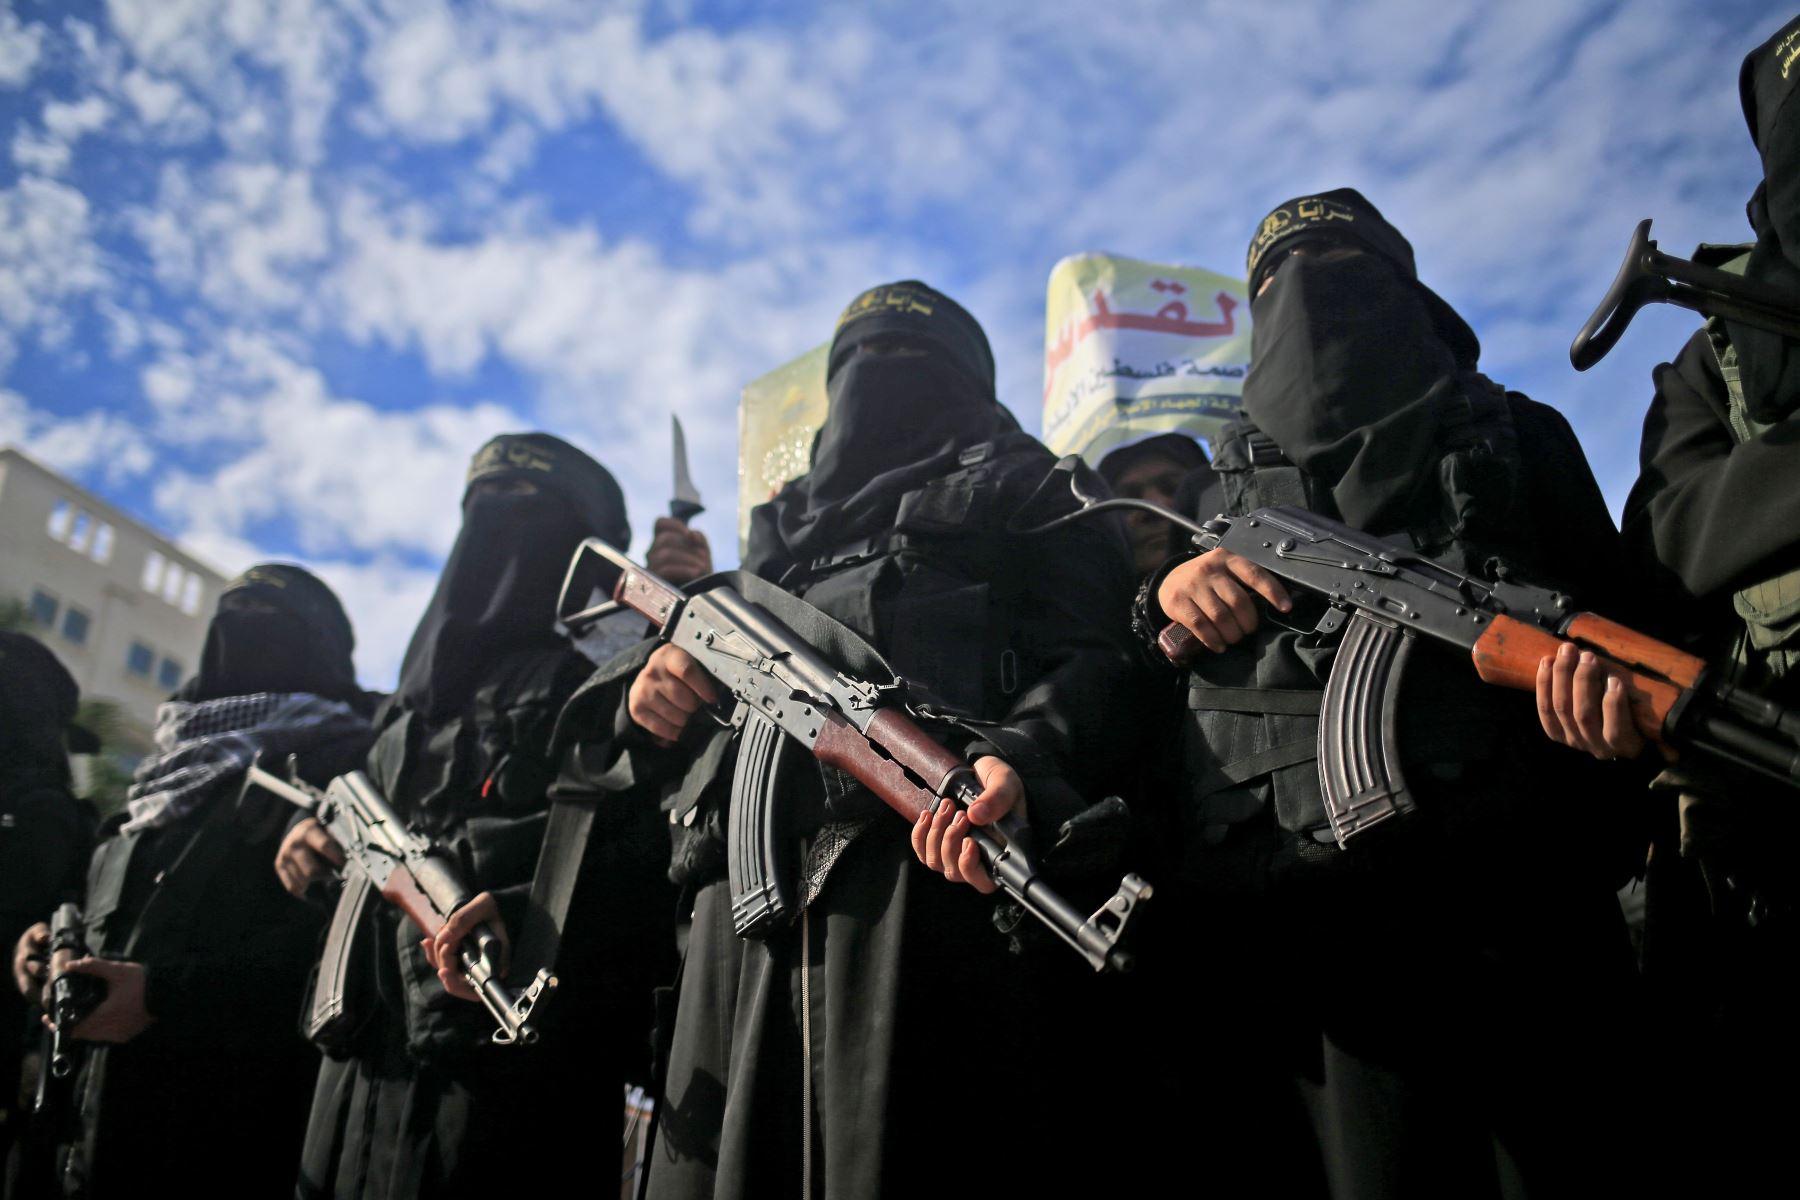 Mujeres armadas del grupo militante palestino Jihad Islámica llevan rifles de asalto Kalashnikov en Gaza. Foto: AFP